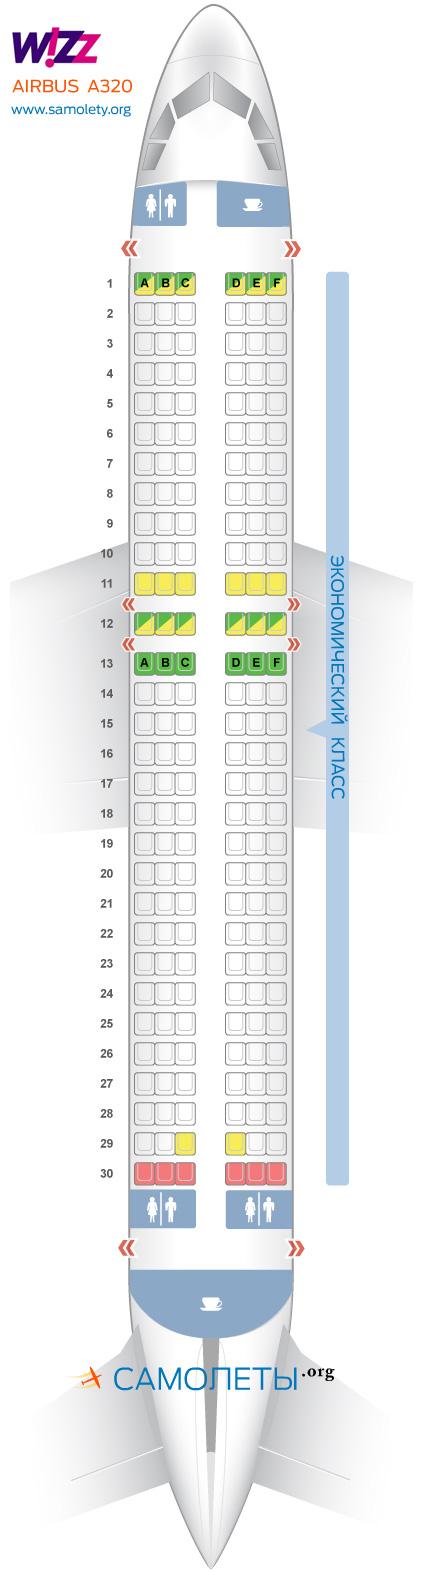 Схема салона Airbus A320 WizzAir